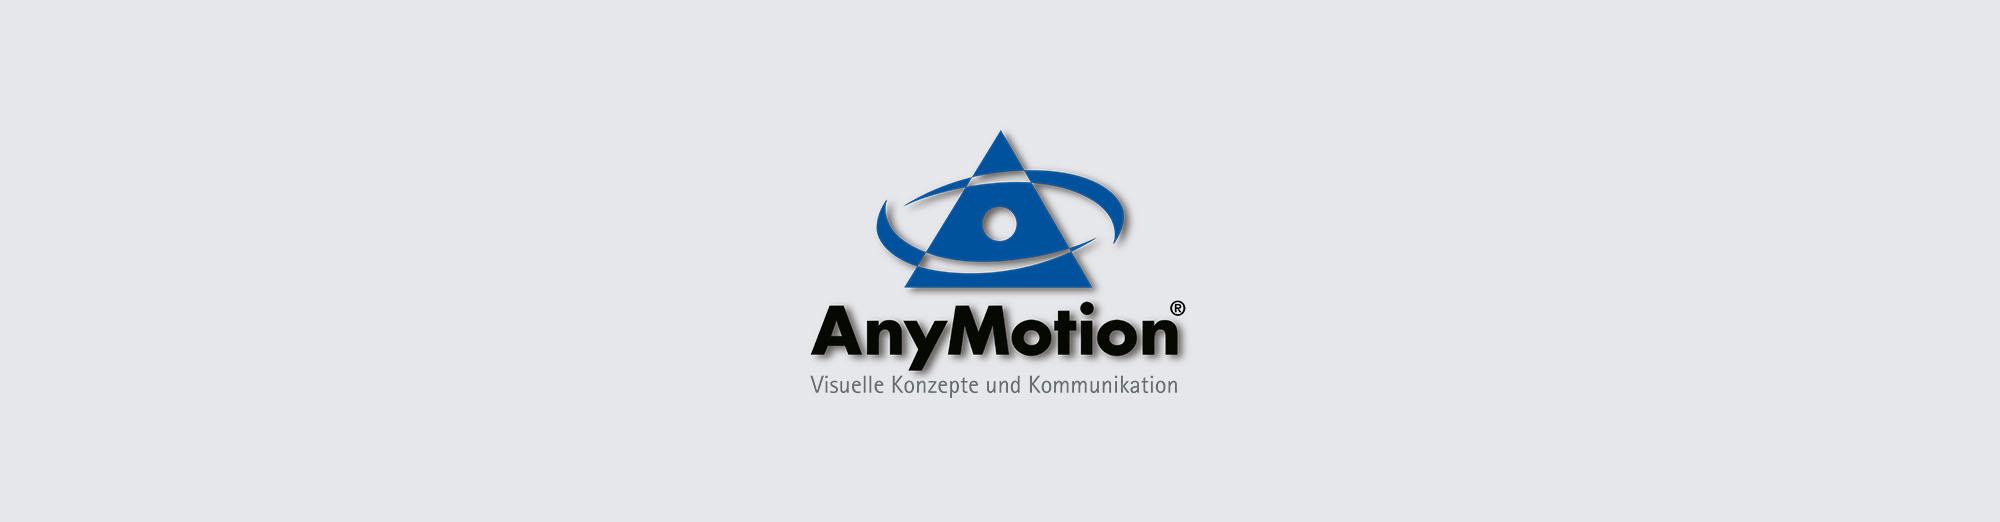 AnyMotion GmbH - 3D-Visualsierung und Computeranimtion